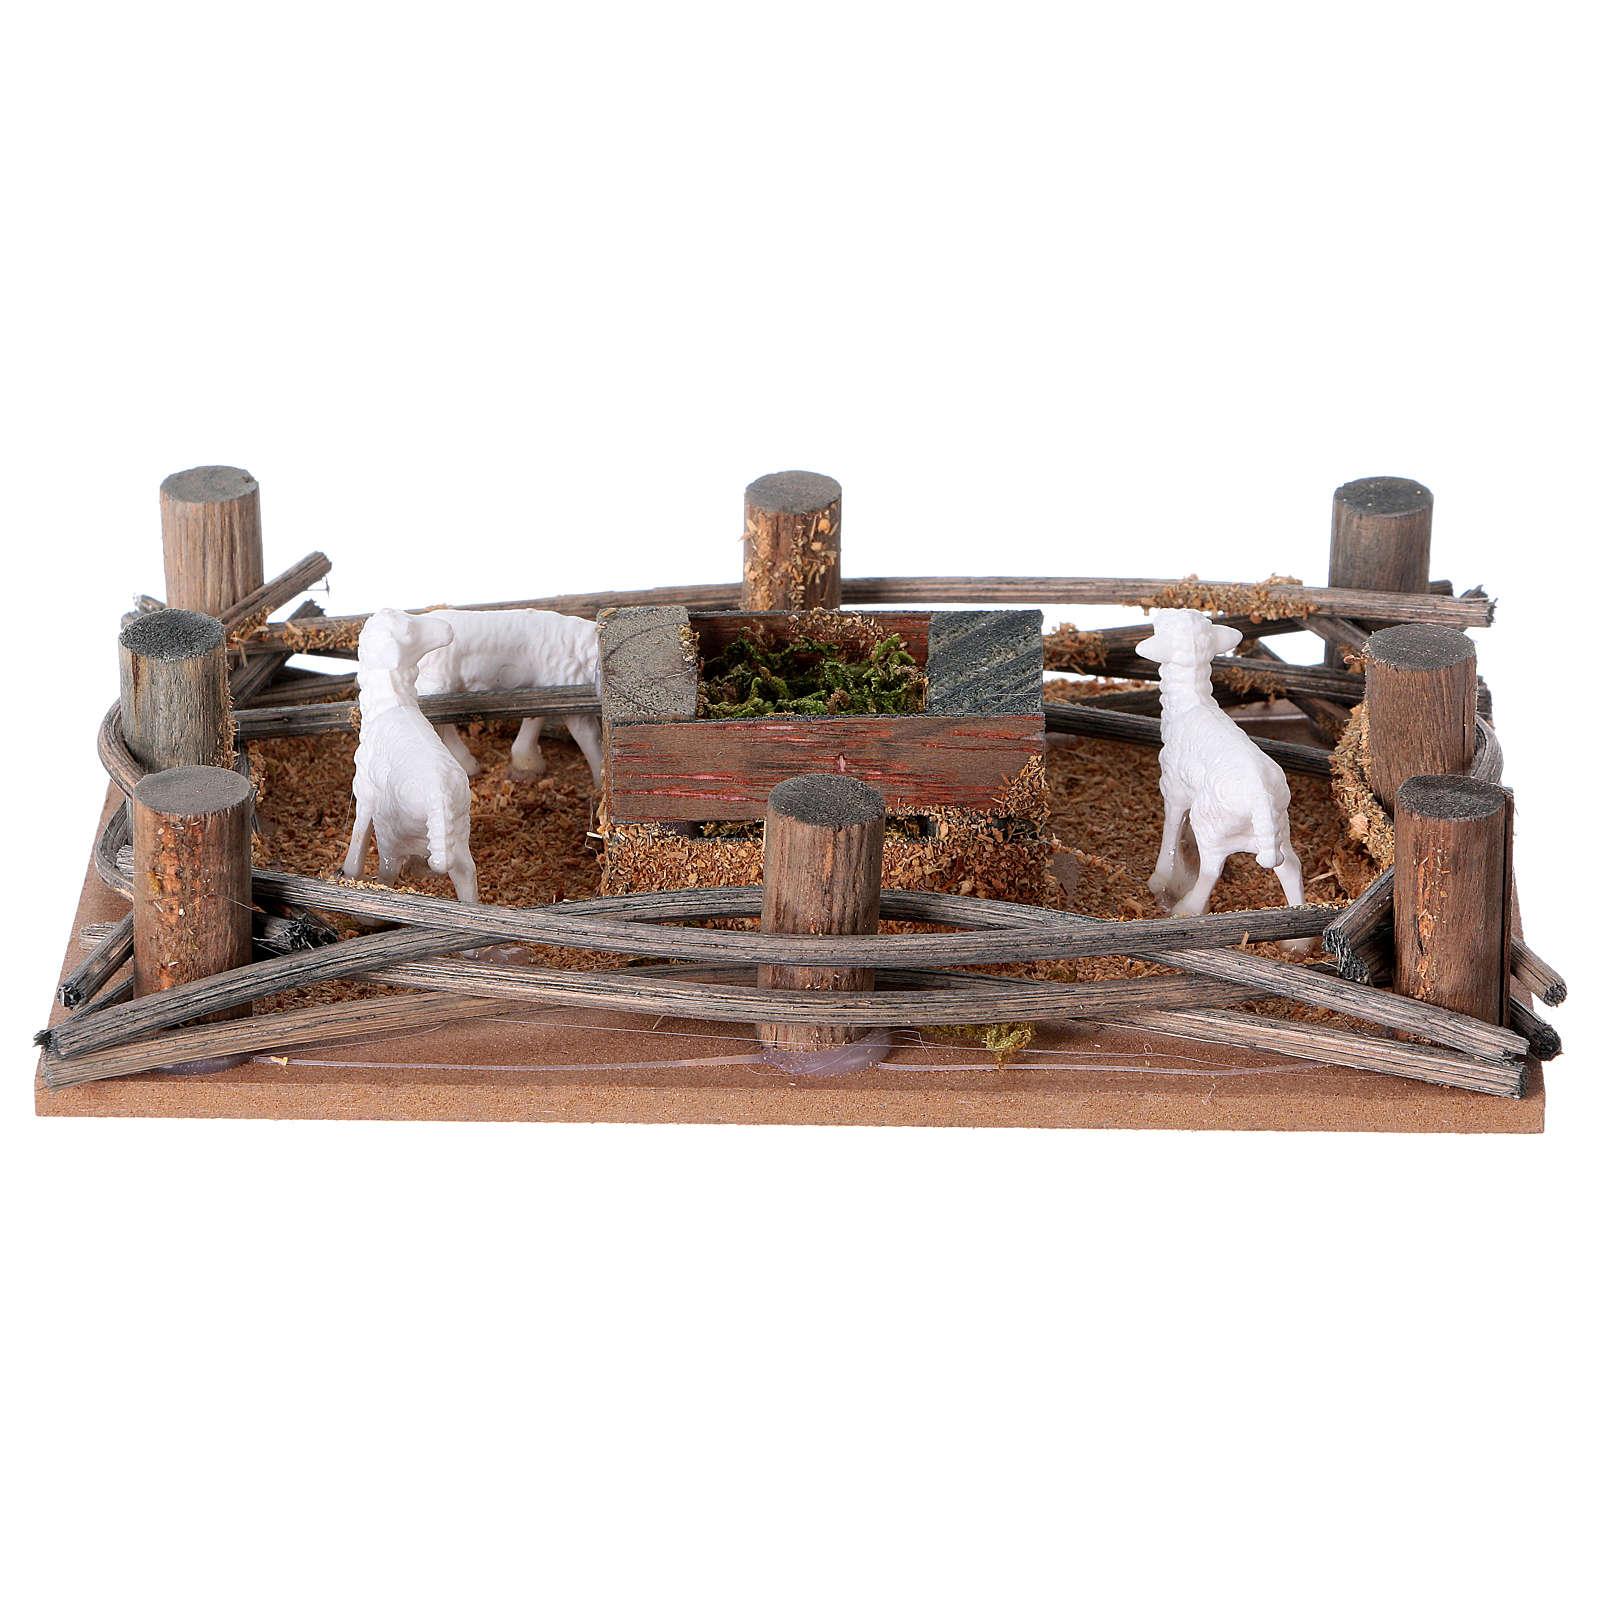 Zagroda z owcami 16x10 cm szopka zrób to sam 10 cm 3